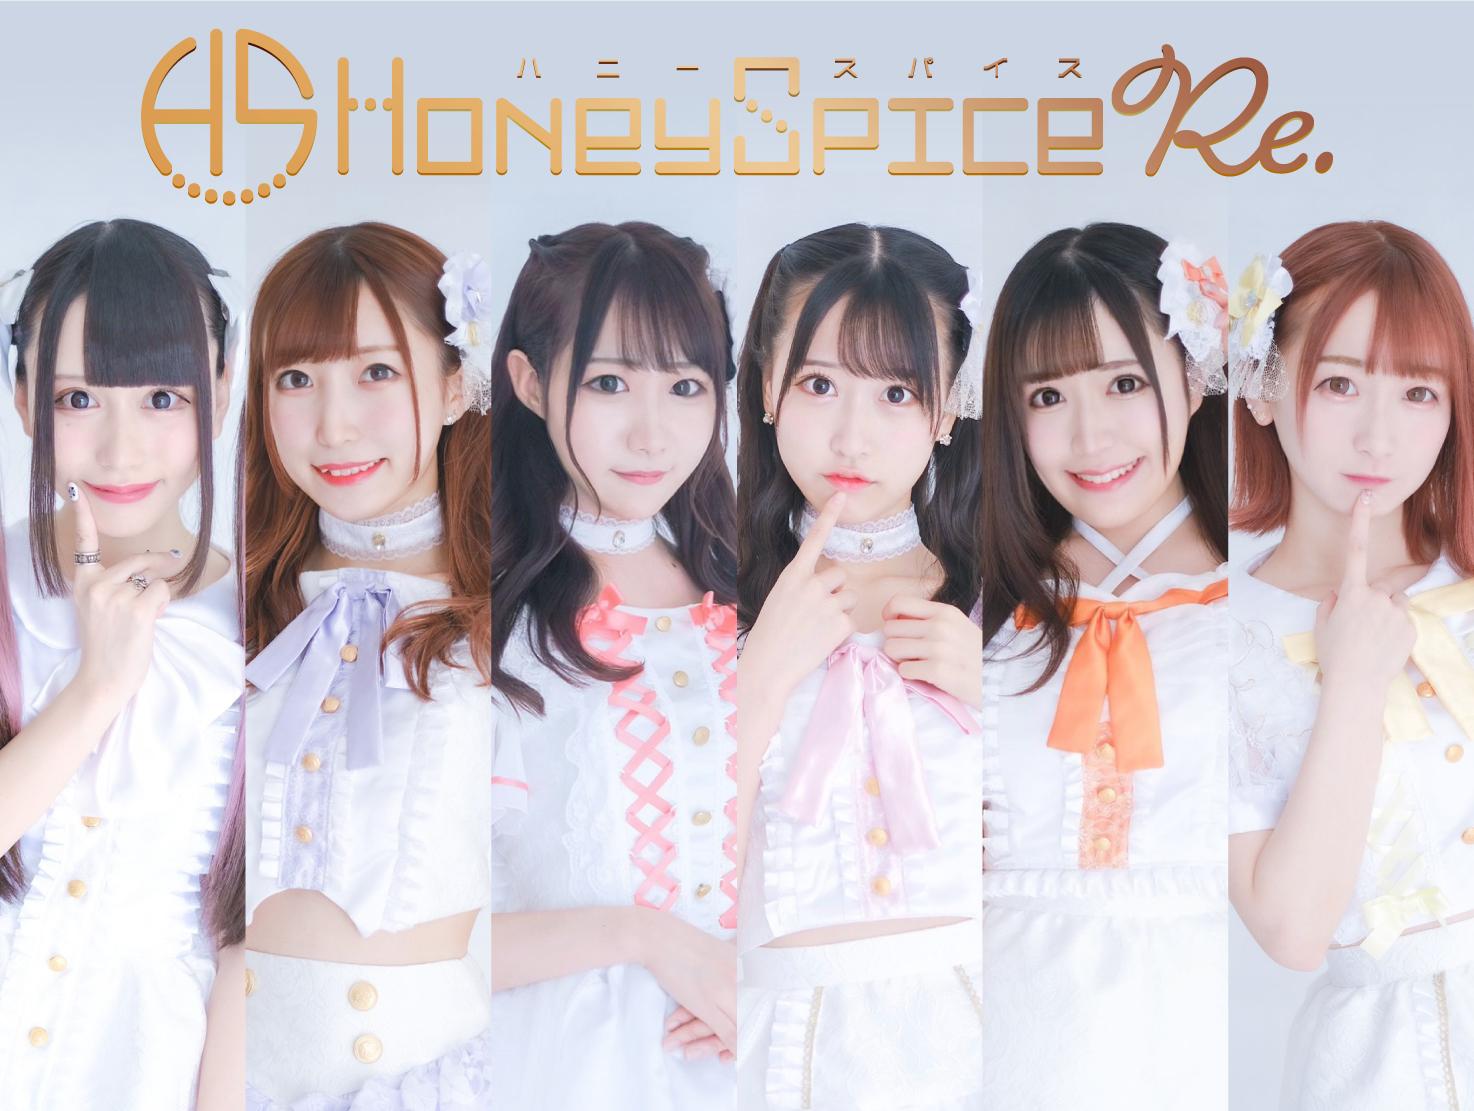 2021/1/24(日) 『ハニースパイスRe.単独公演-2部-』渋谷TakeOff7